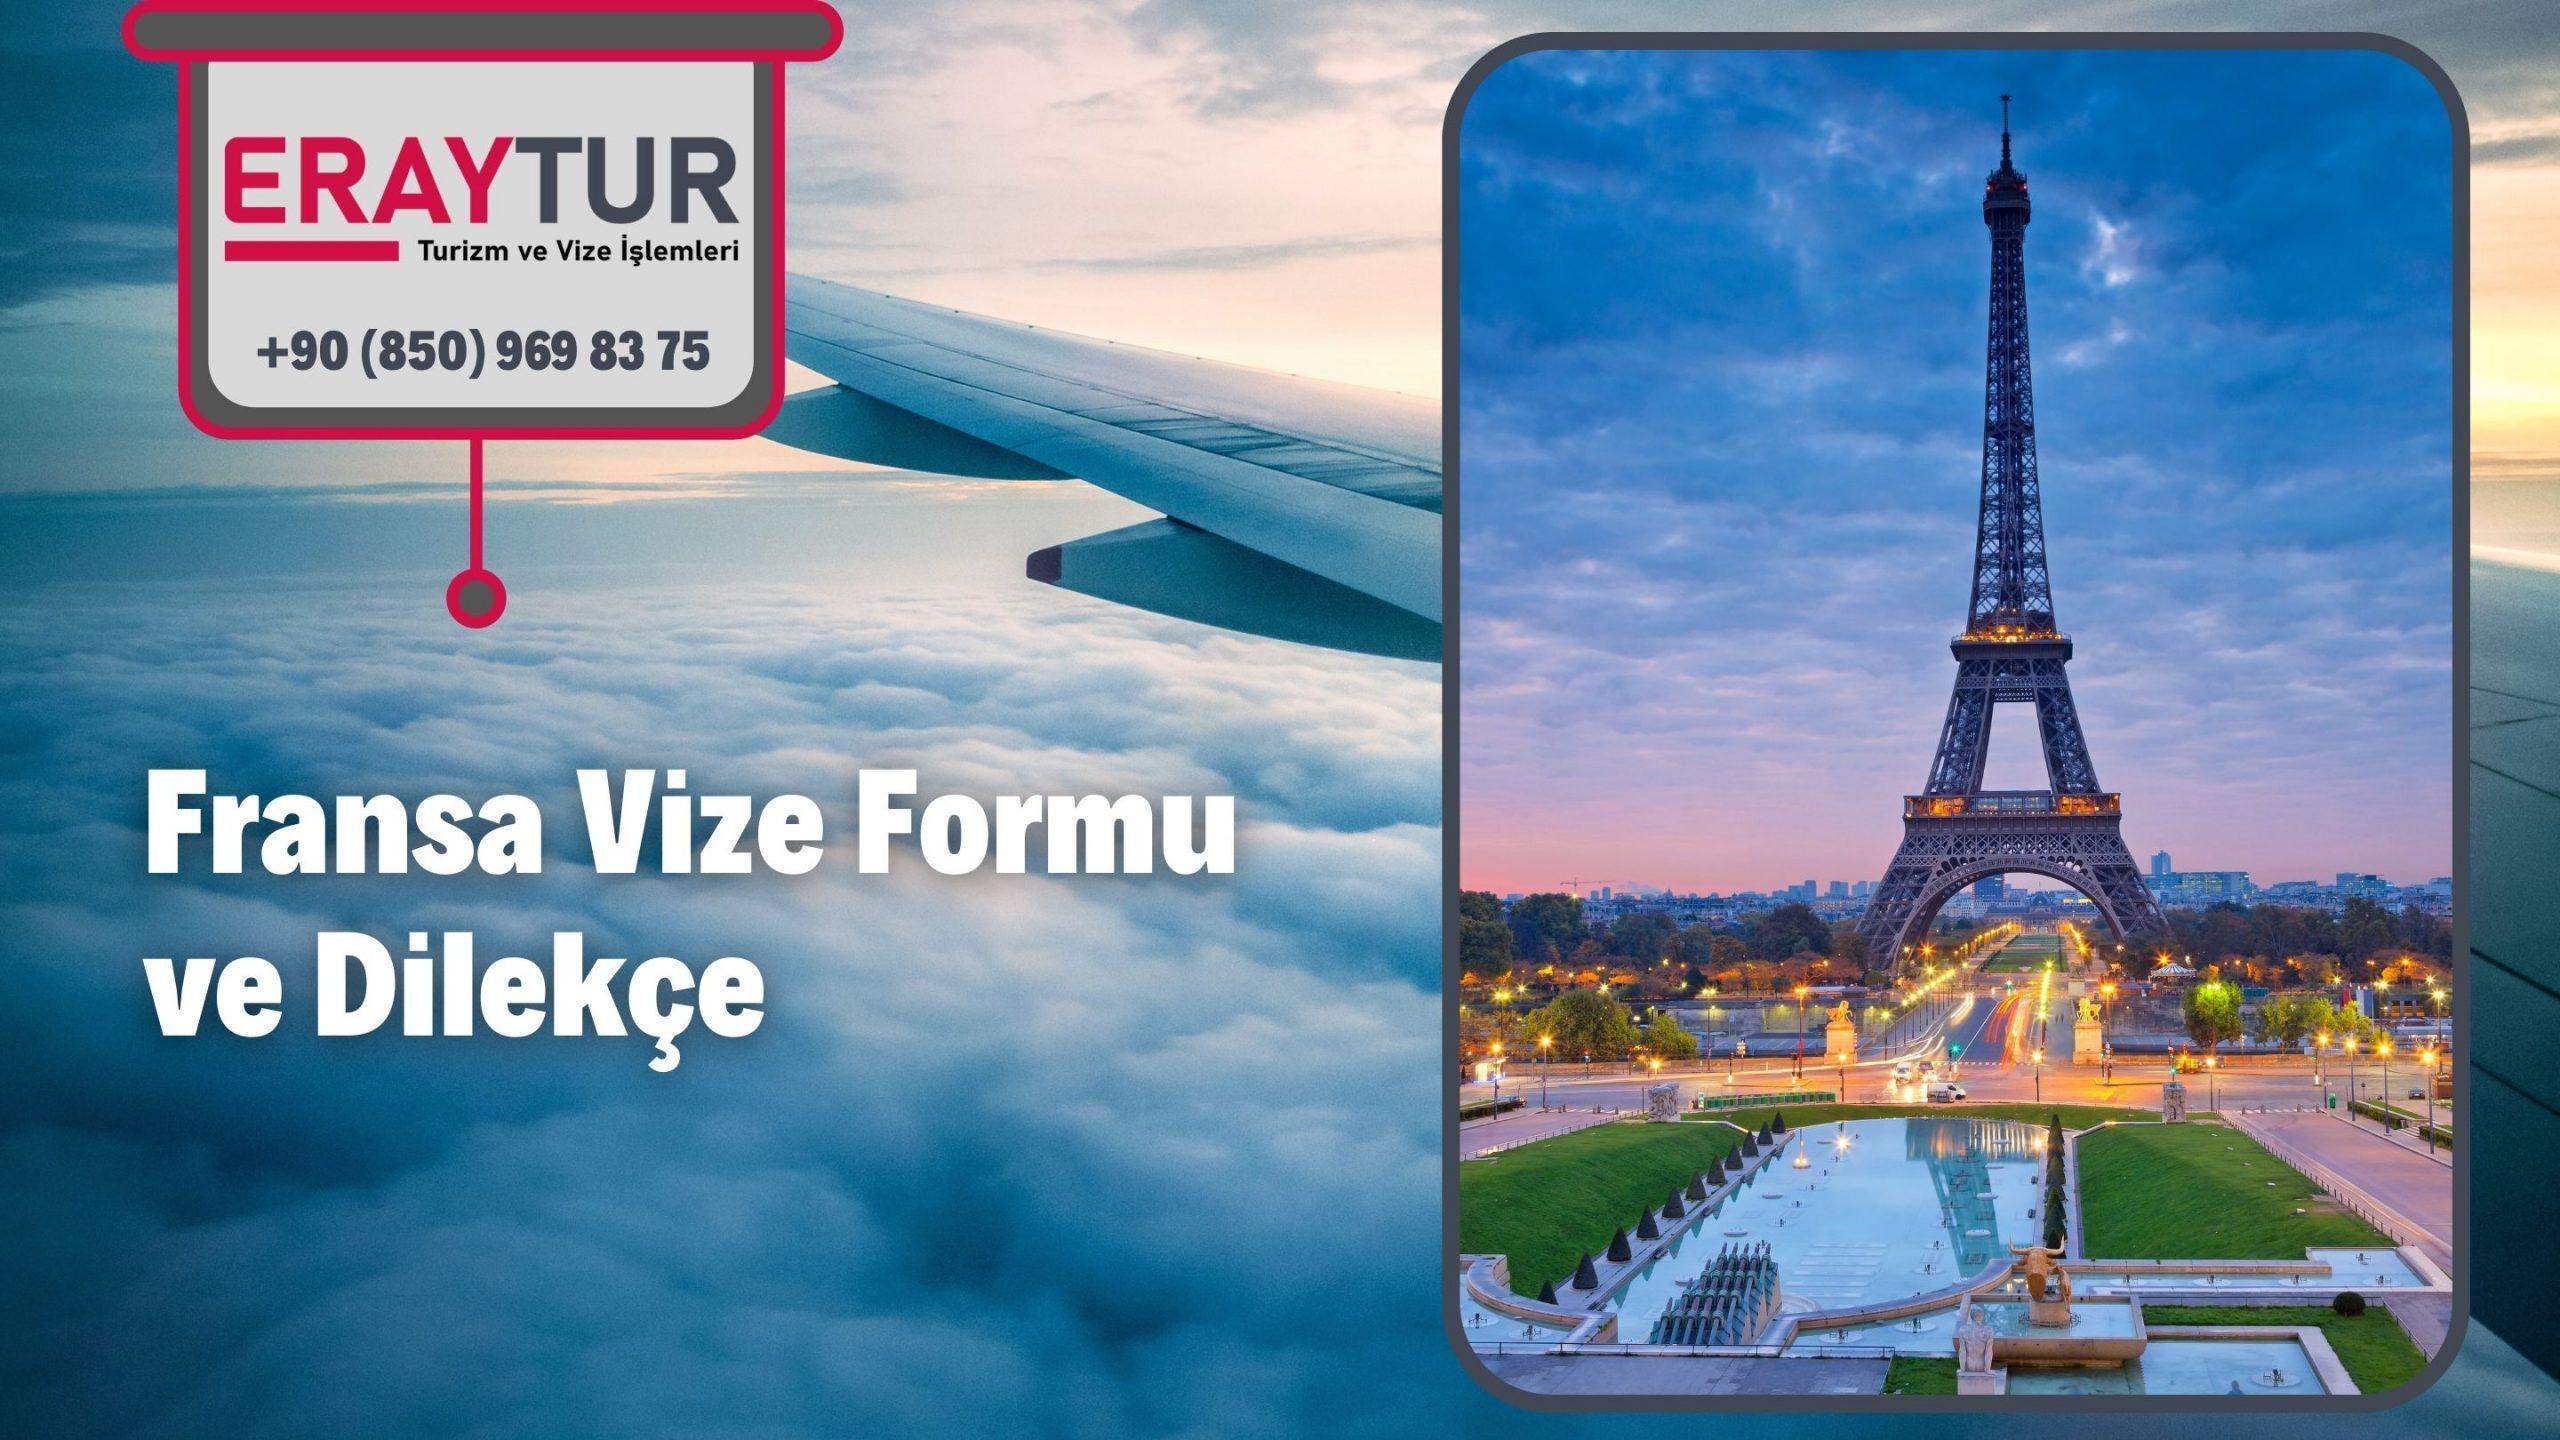 Fransa Vize Formu ve Dilekçe 1 – fransa vize formu ve dilekce 1 scaled